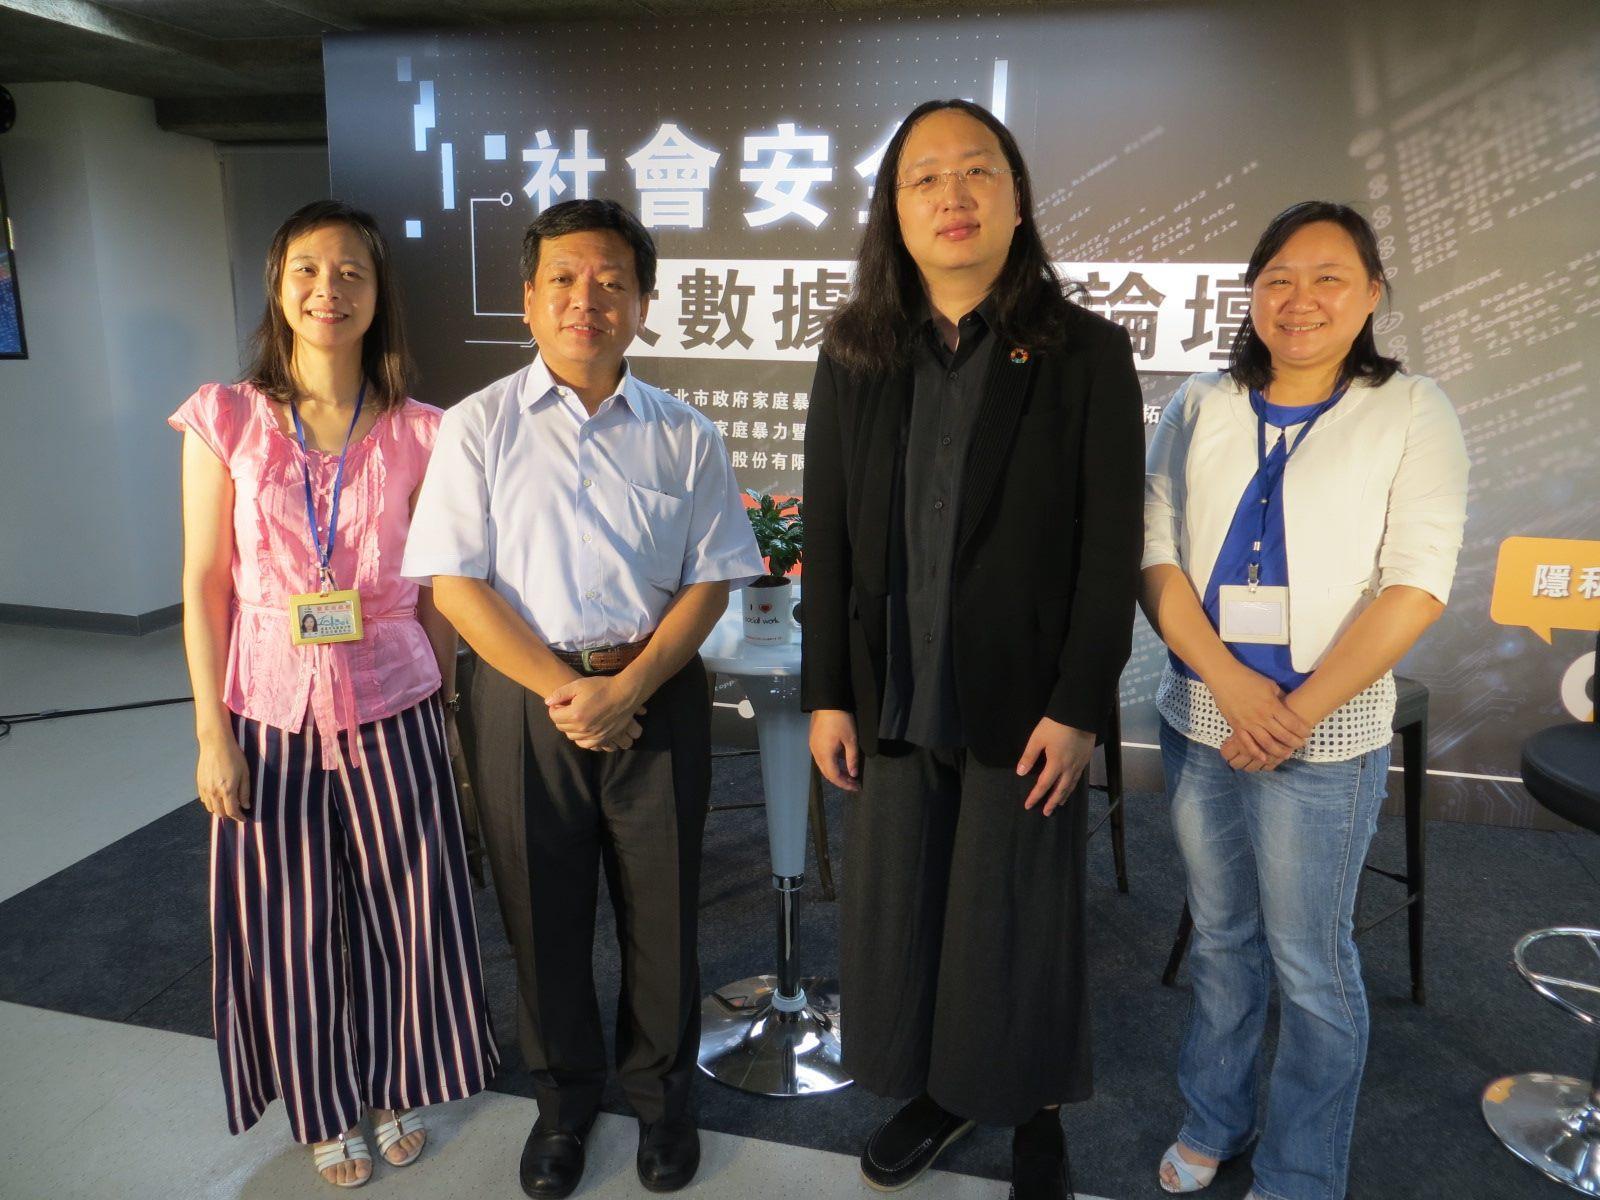 行政院政務委員唐鳳以「社會創新」進行專題分享。